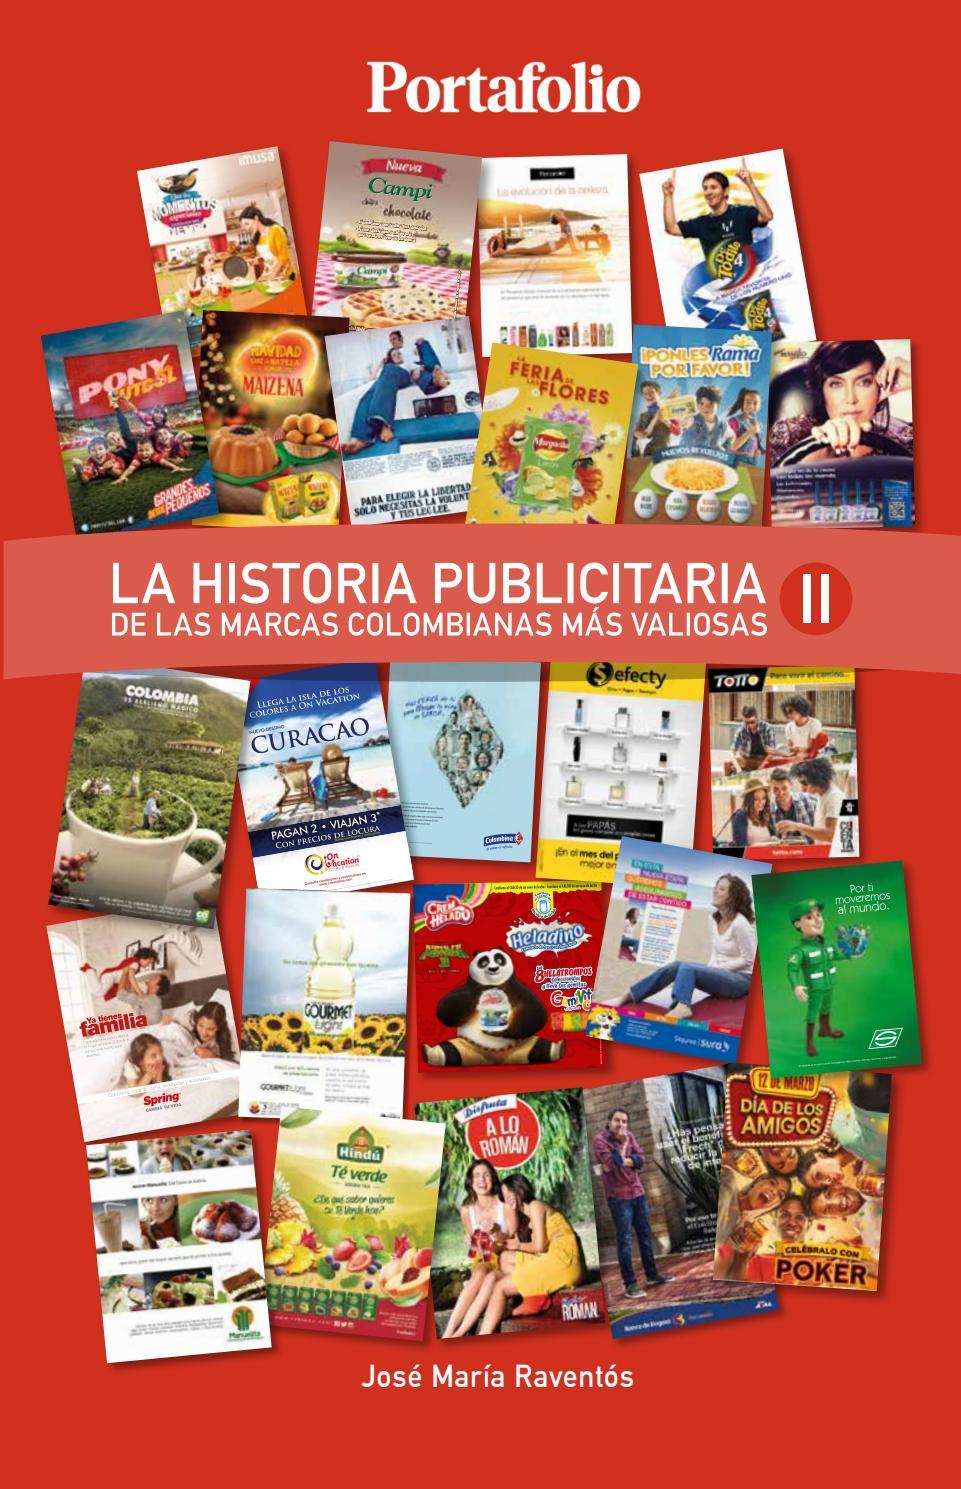 La Historia Publicitaria de las marcas colombianas más